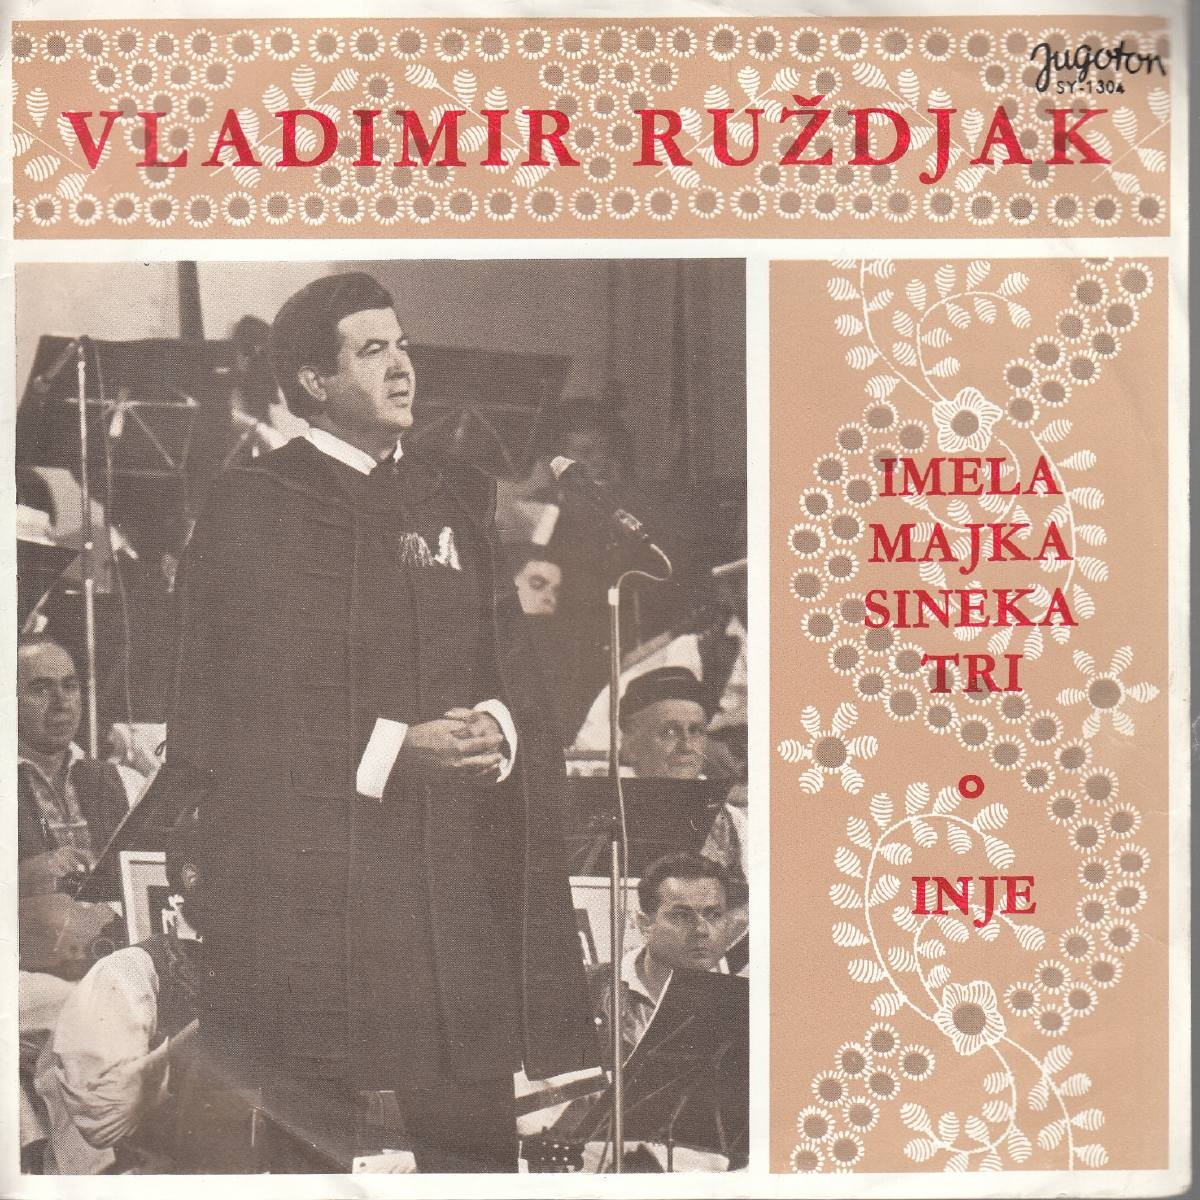 Ruzdjak Vladimir - Imela Majka Sineka Tri/inje